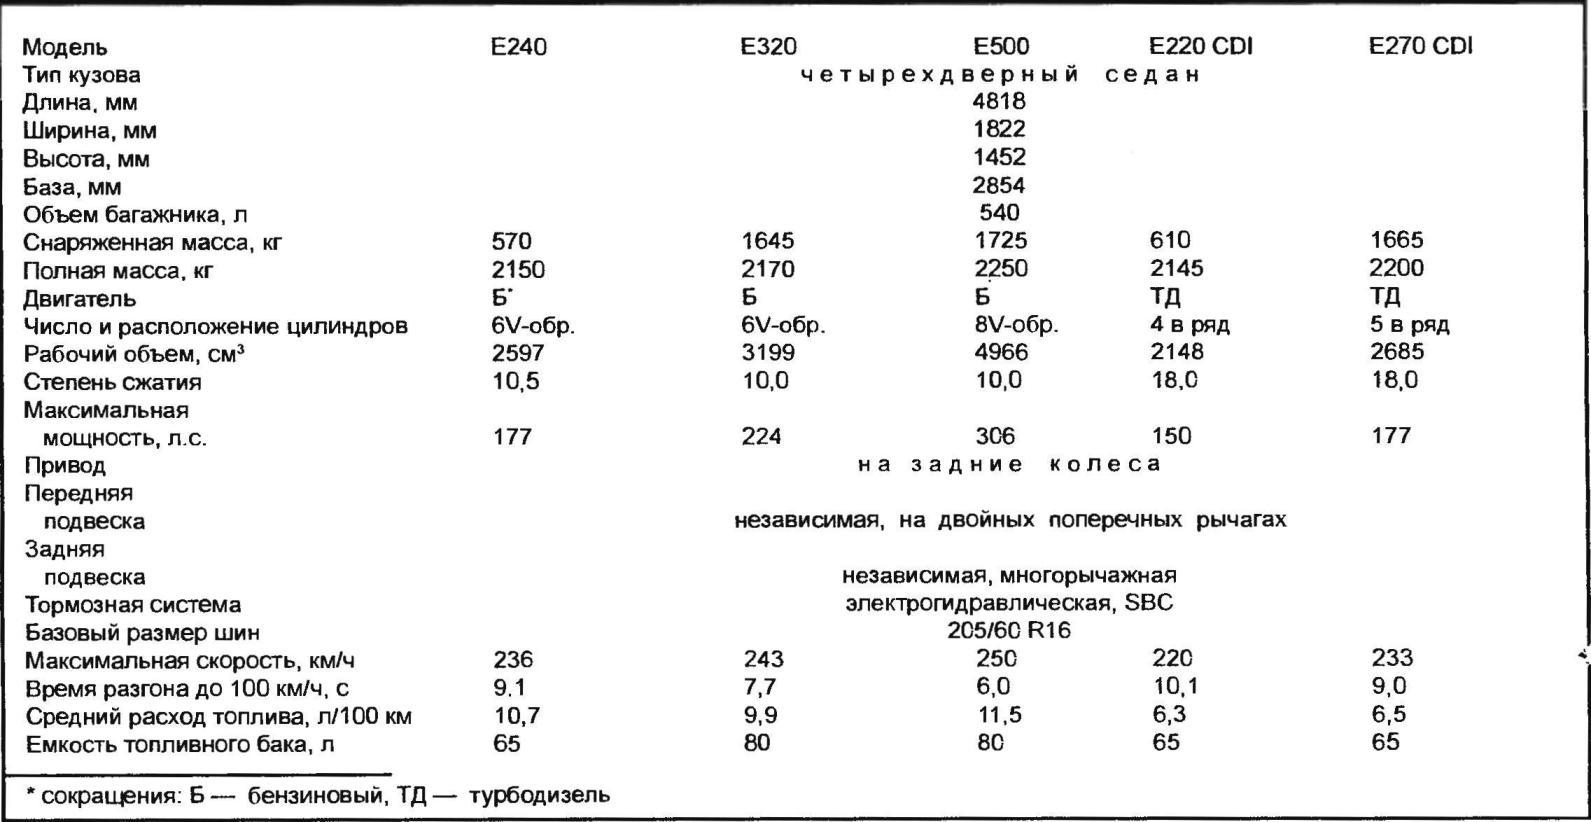 Основные технические характеристики автомобилей MERCEDES-BENZ E-class